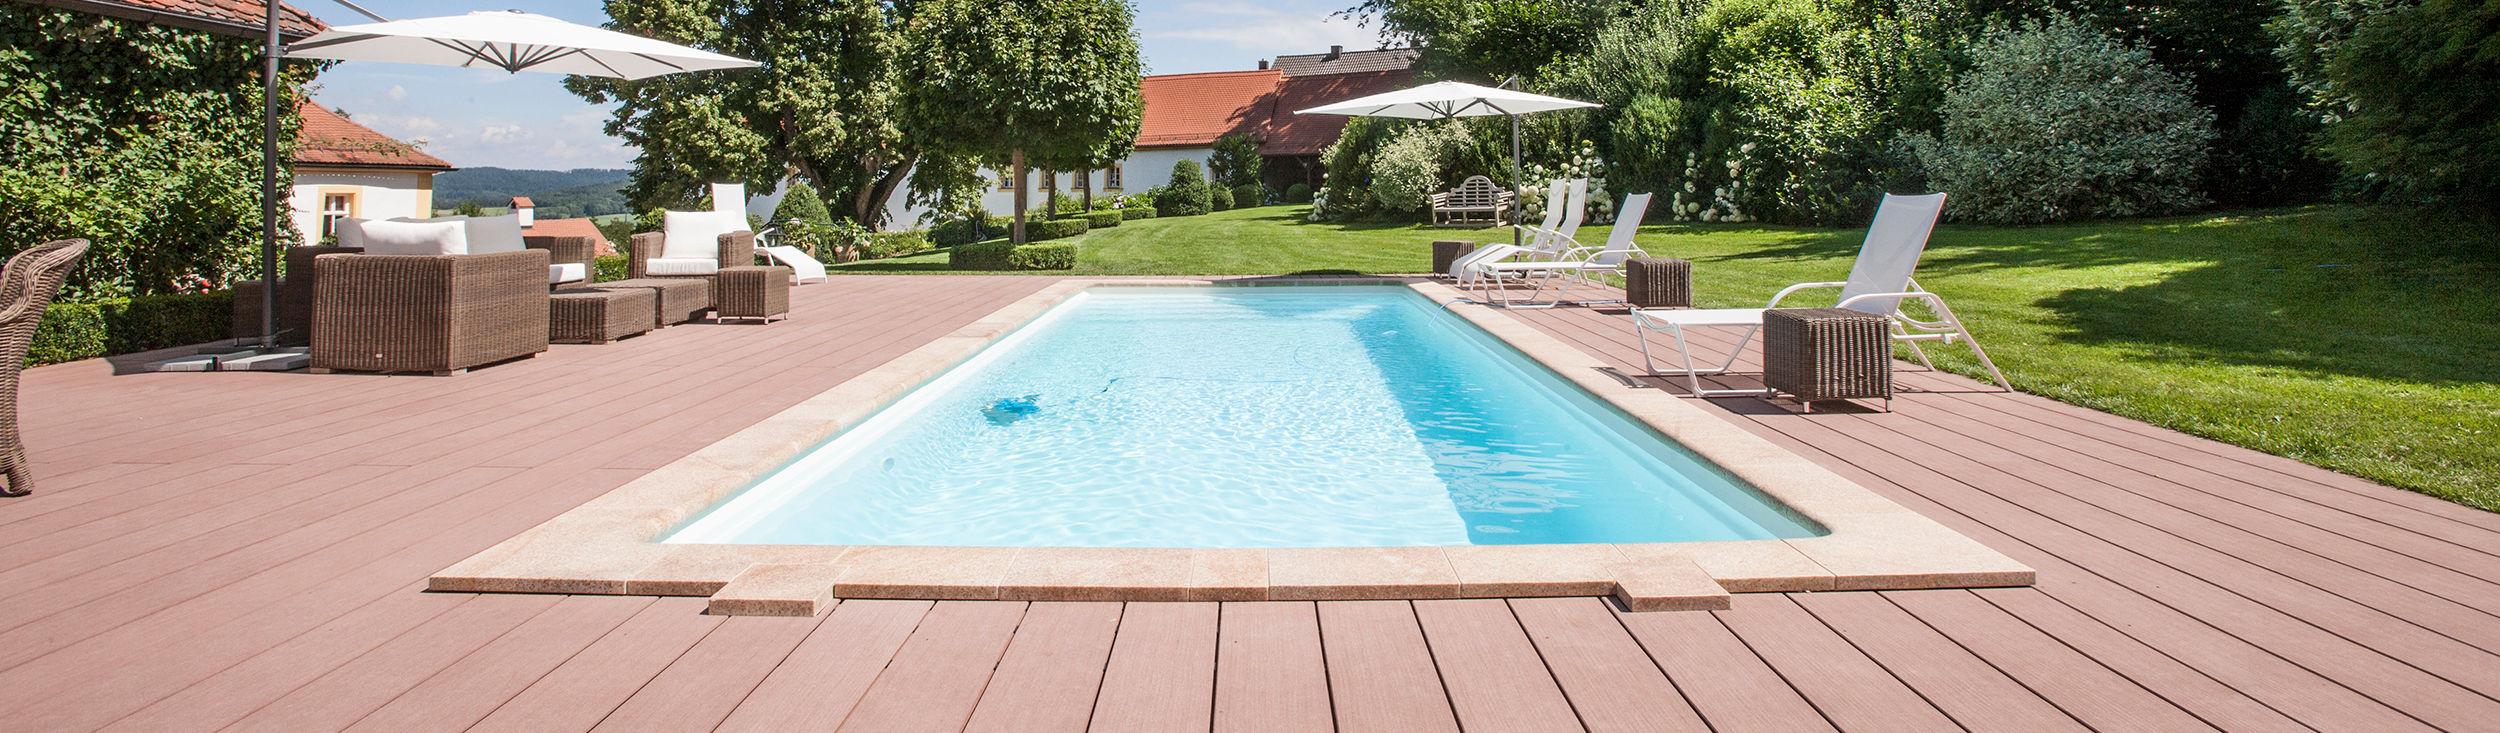 megawood das terrassensystem terrassen patios au enbereich in aschersleben homify. Black Bedroom Furniture Sets. Home Design Ideas